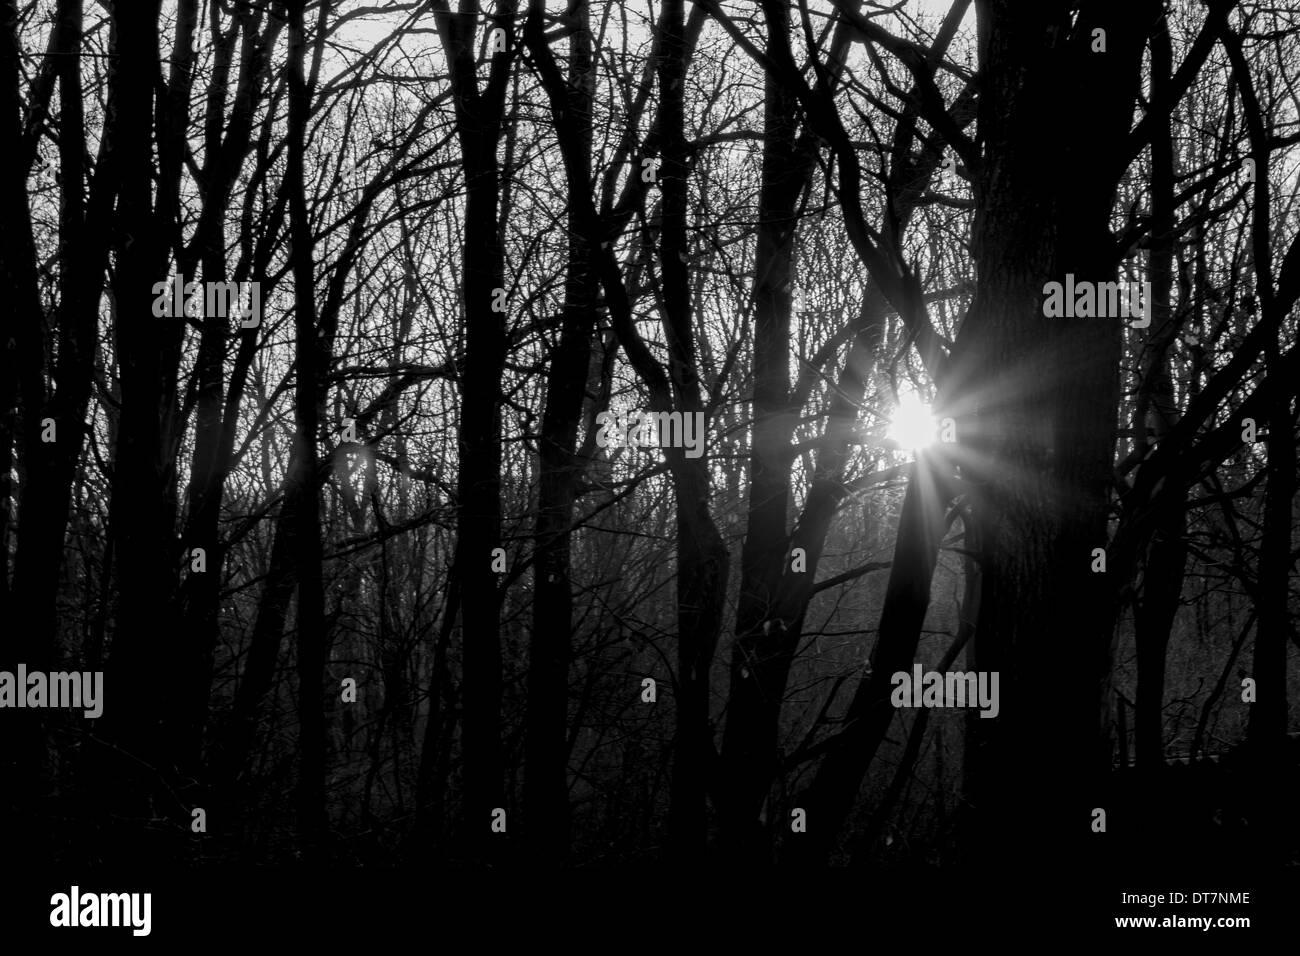 Foto von der Sonne in einem dunklen Stockbild